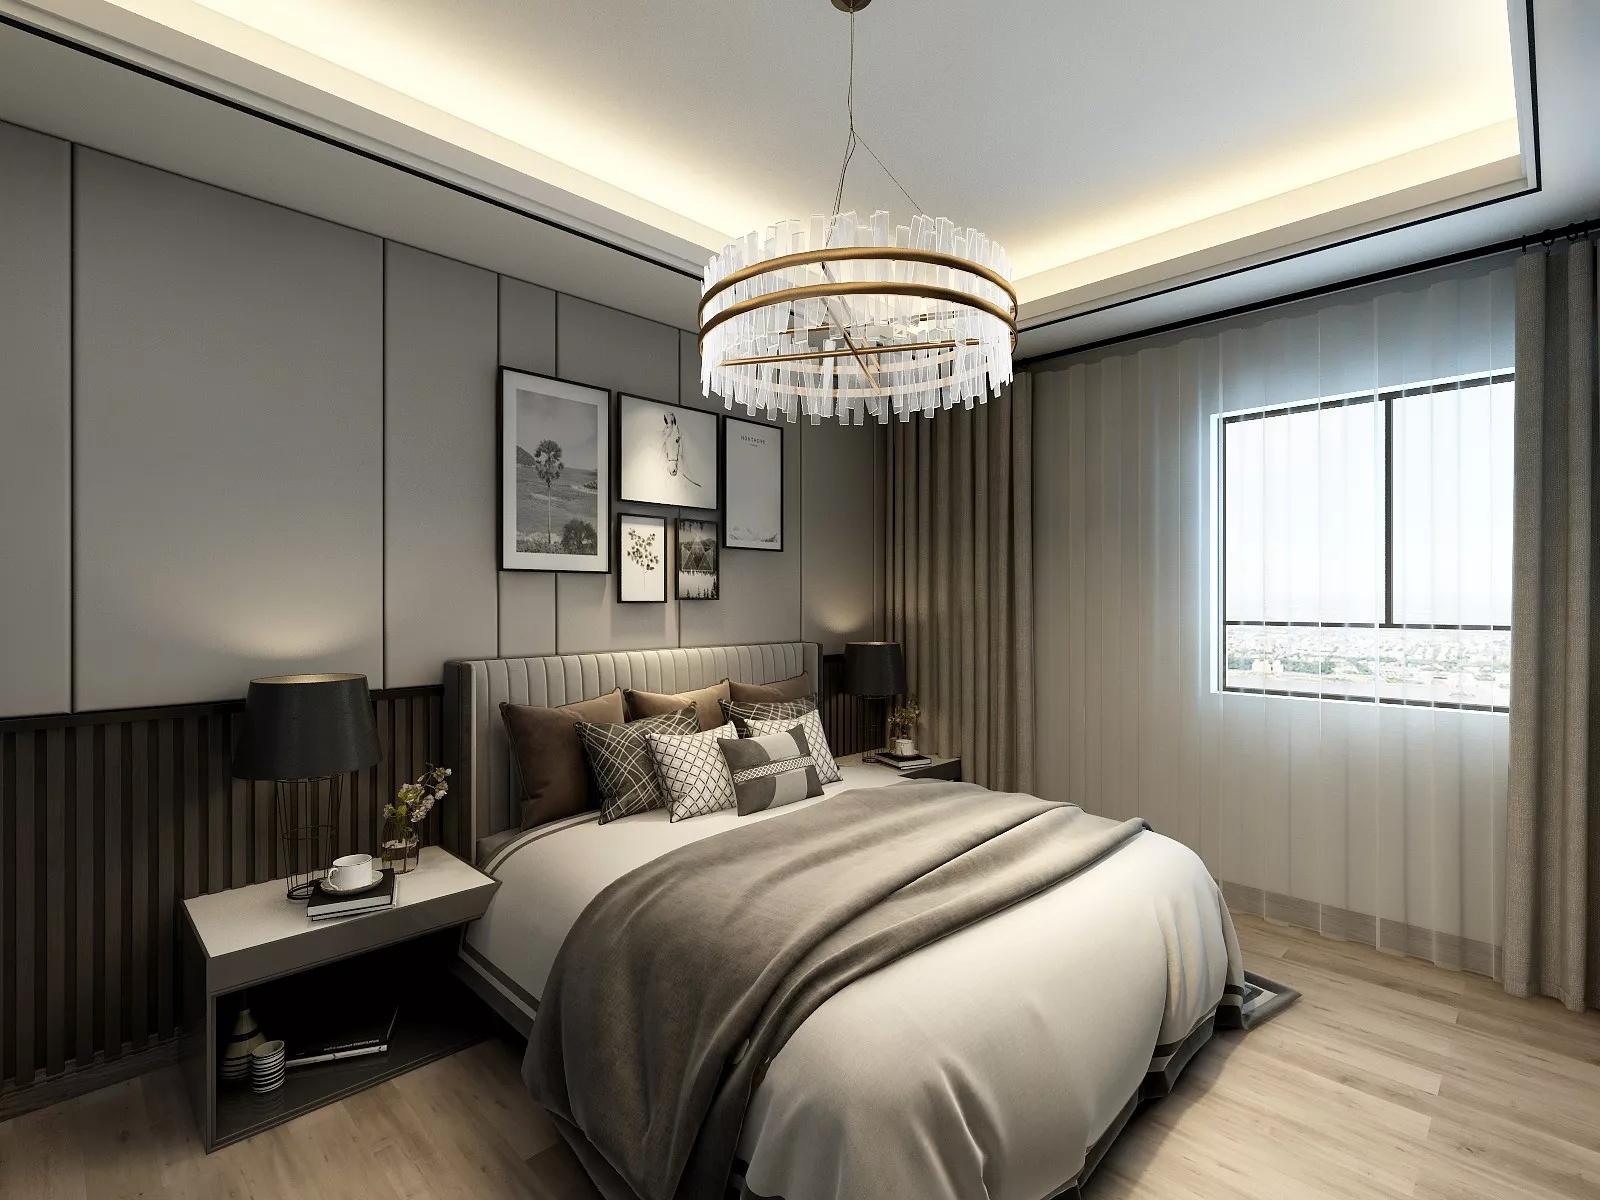 洋房客厅要怎么装修设计?洋房客厅装修设计要点有哪些?